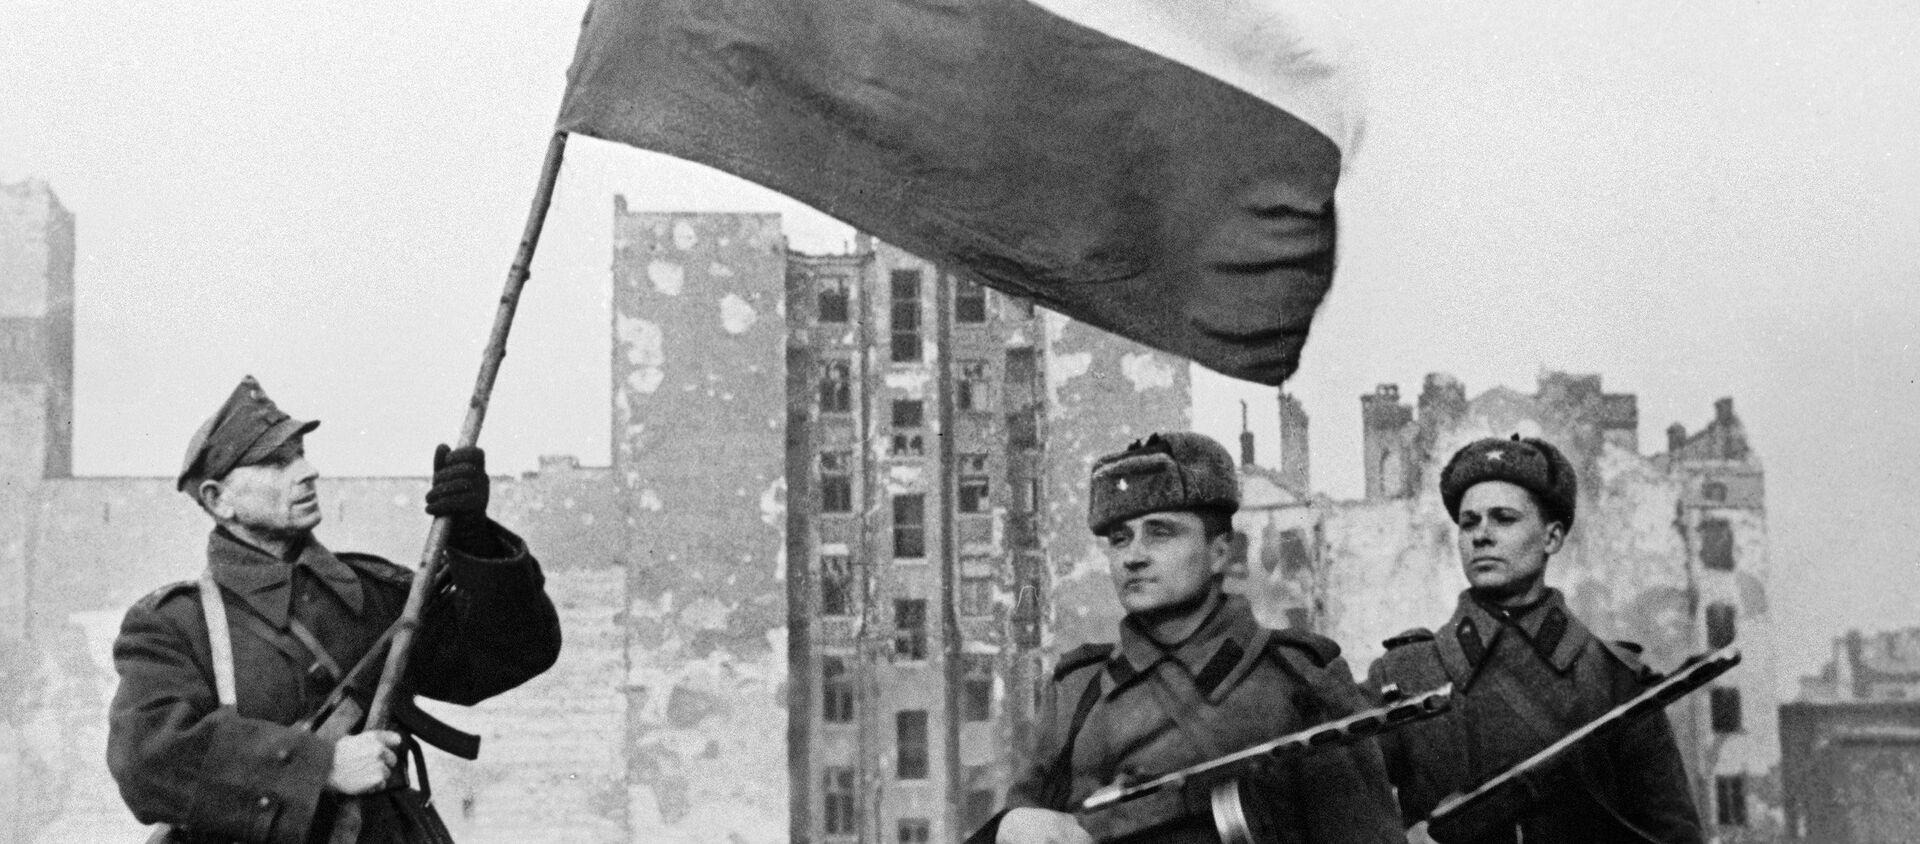 Wyzwolenie Warszawy. Radzieccy żołnierze oraz żołnierz Wojska Polskiego z polską flagą - Sputnik Polska, 1920, 17.01.2021